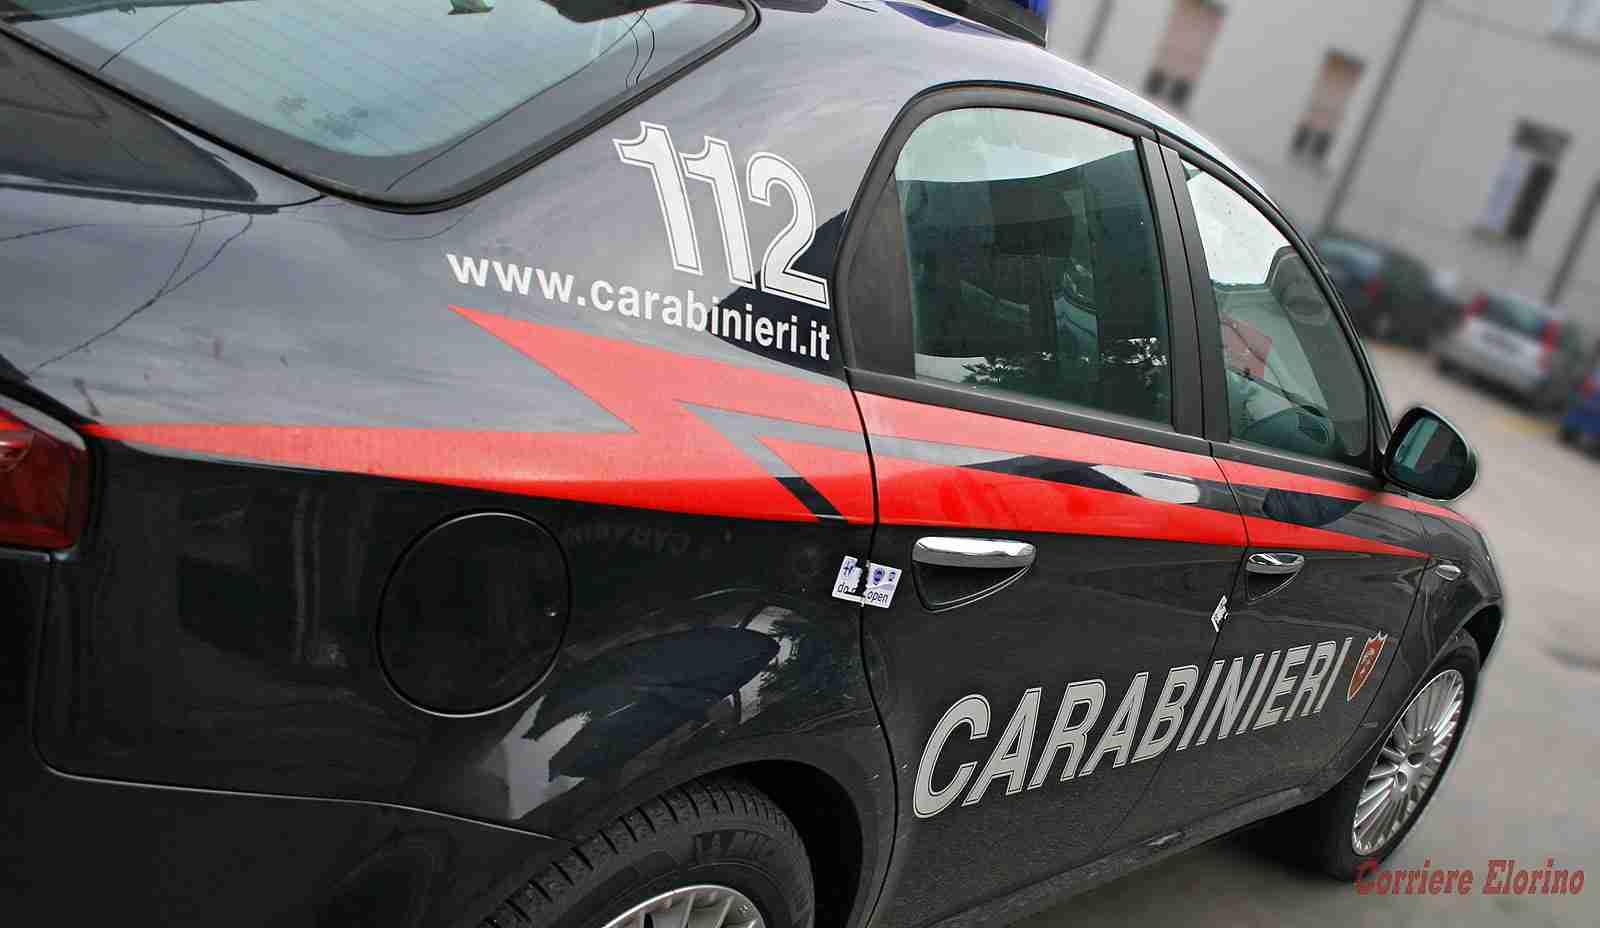 Lite violenta in famiglia: donna in ospedale, intervengono i Carabinieri